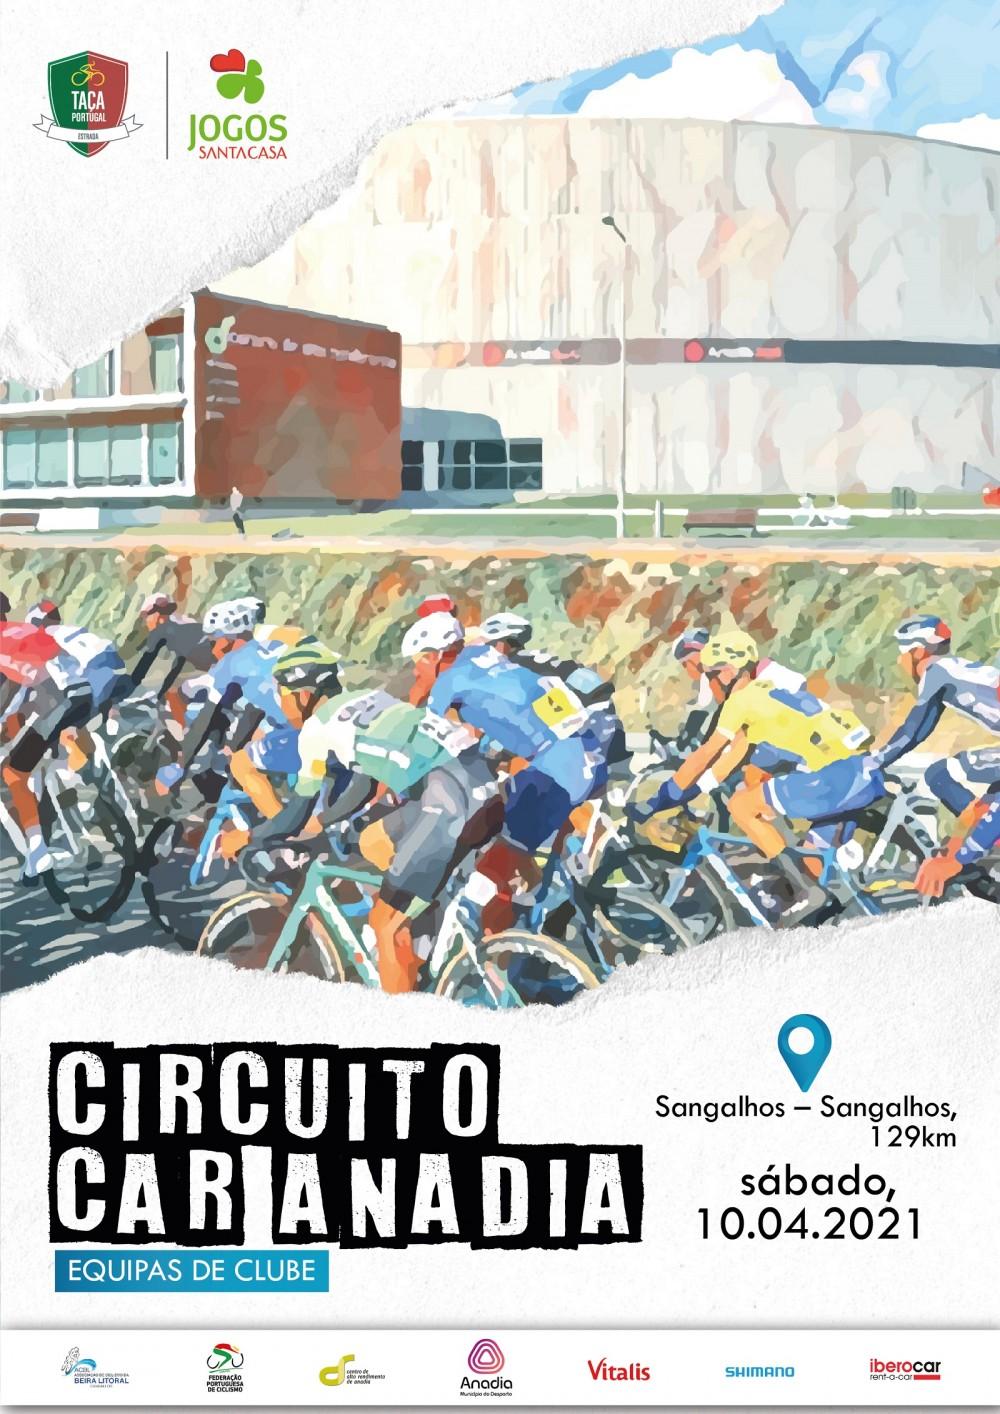 Circuito CAR Anadia - Taça de Portugal Jogos Santa Casa